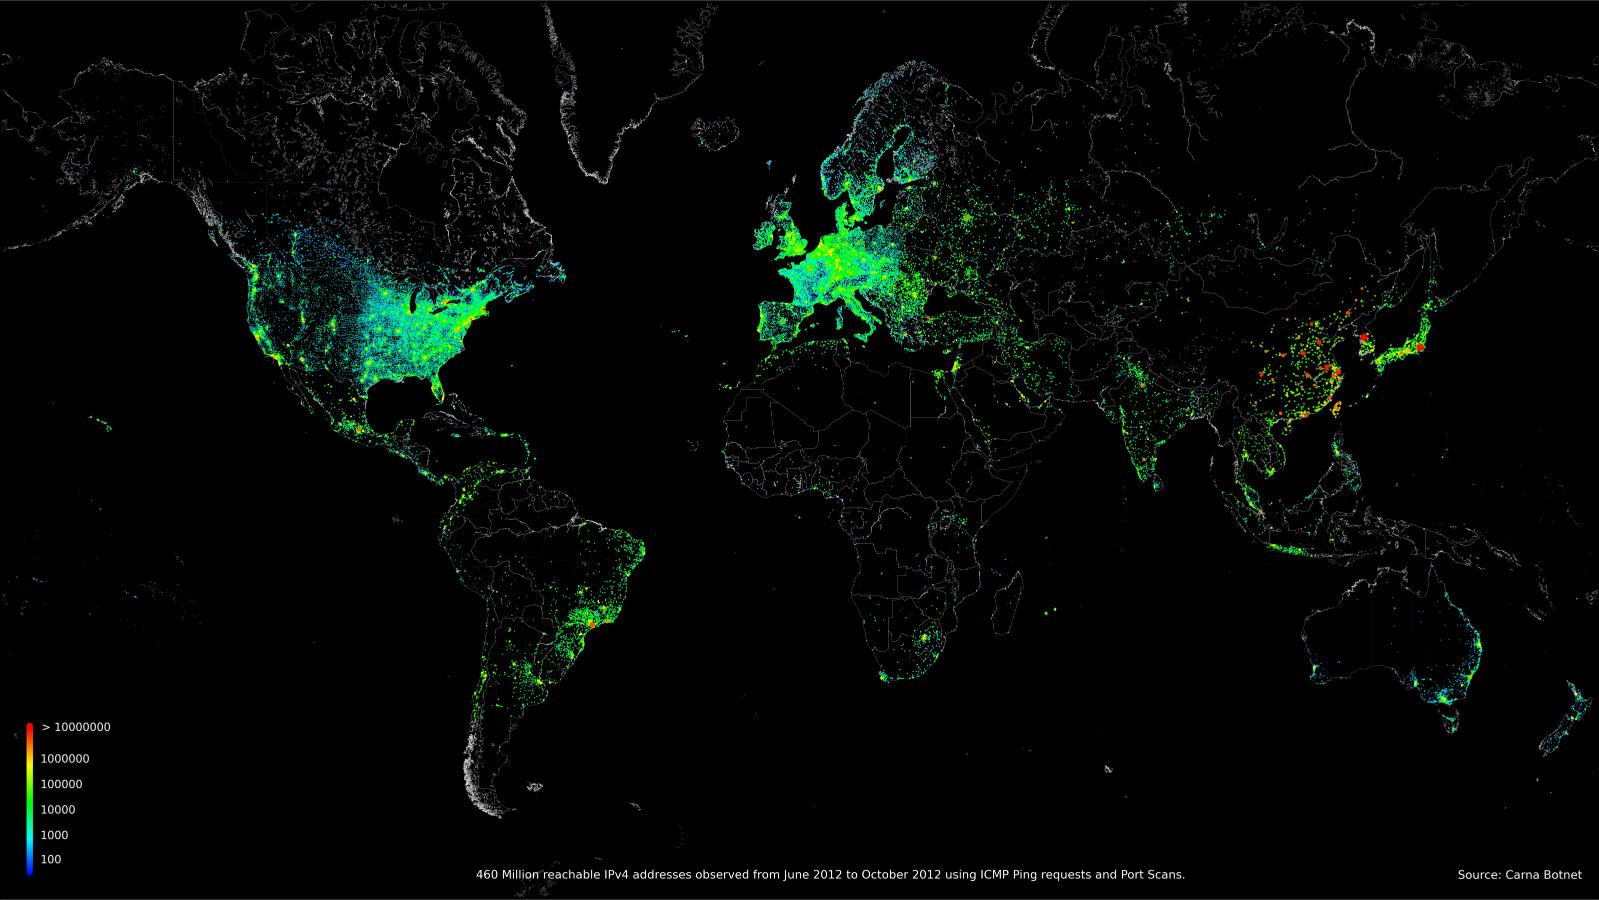 Карта мира, показывающая 460 миллионов IP-адресов